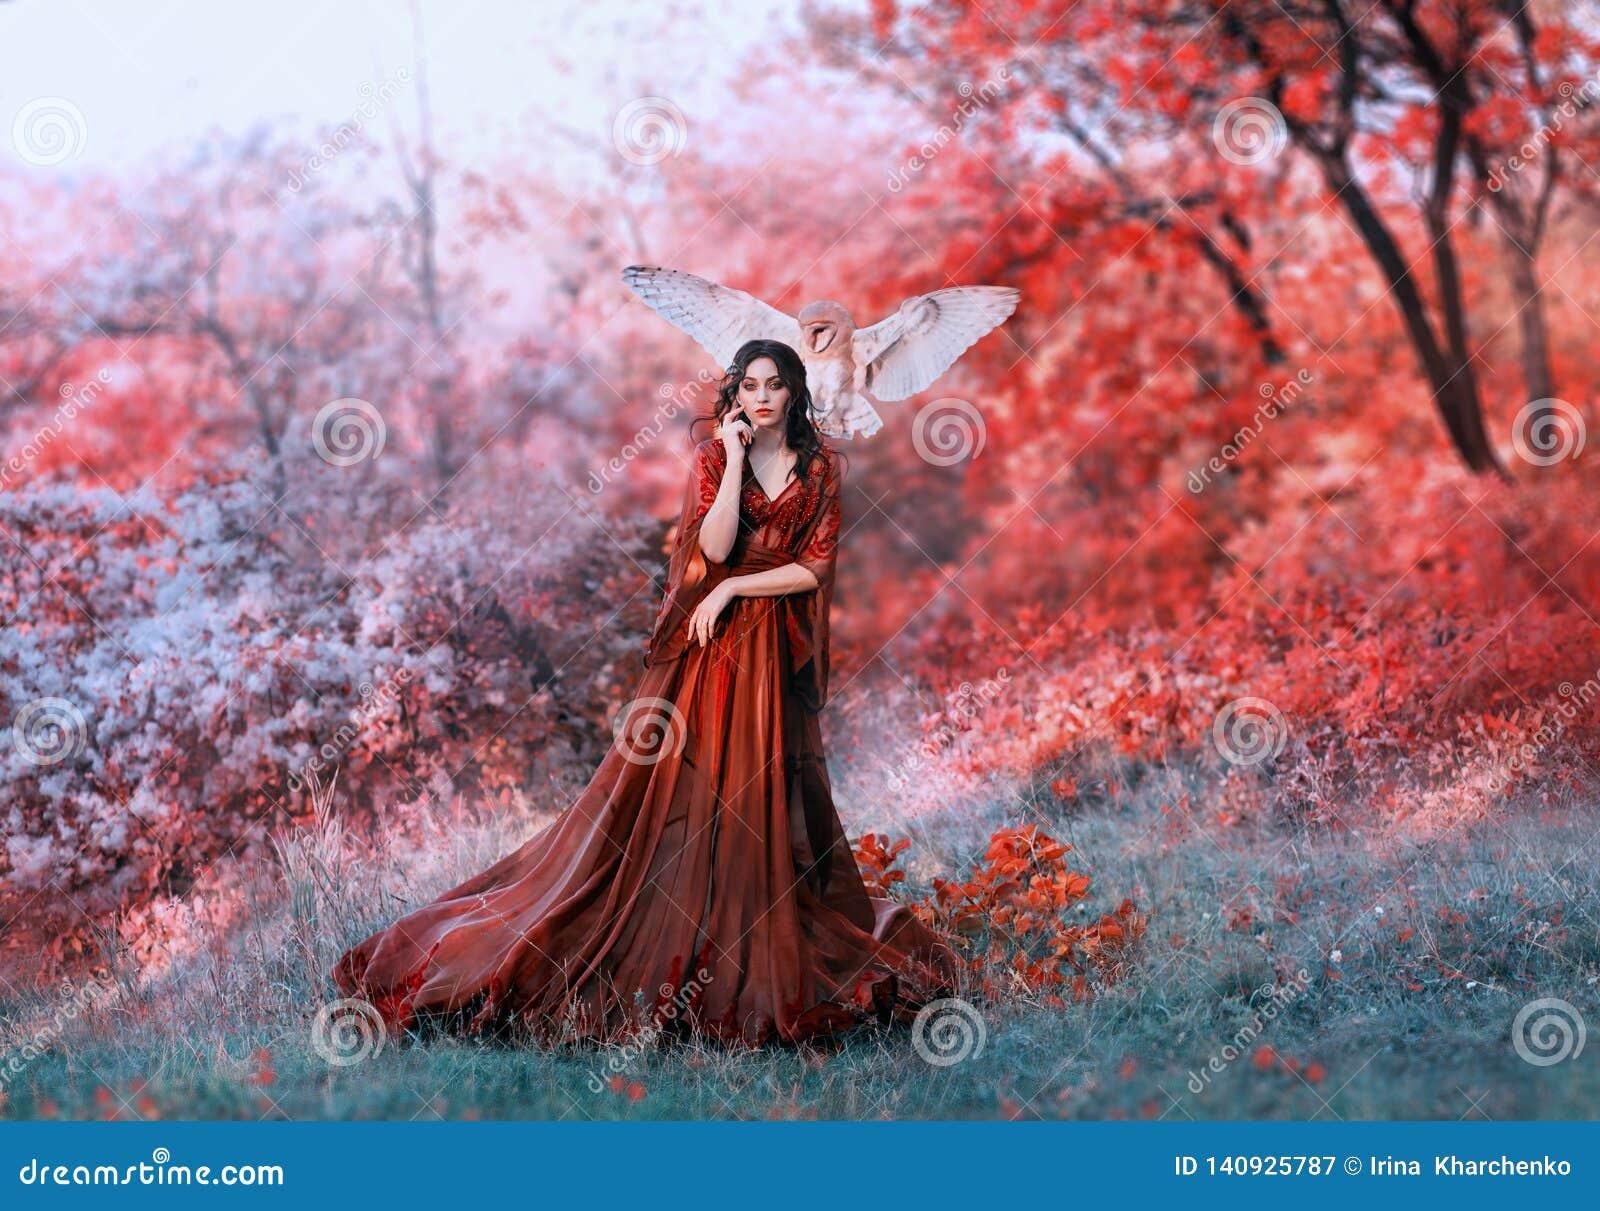 Crisalide potente di autunno, regina di fuoco e dea del sole caldo, signora in vestito lungo da luce rossa con le maniche sciolte